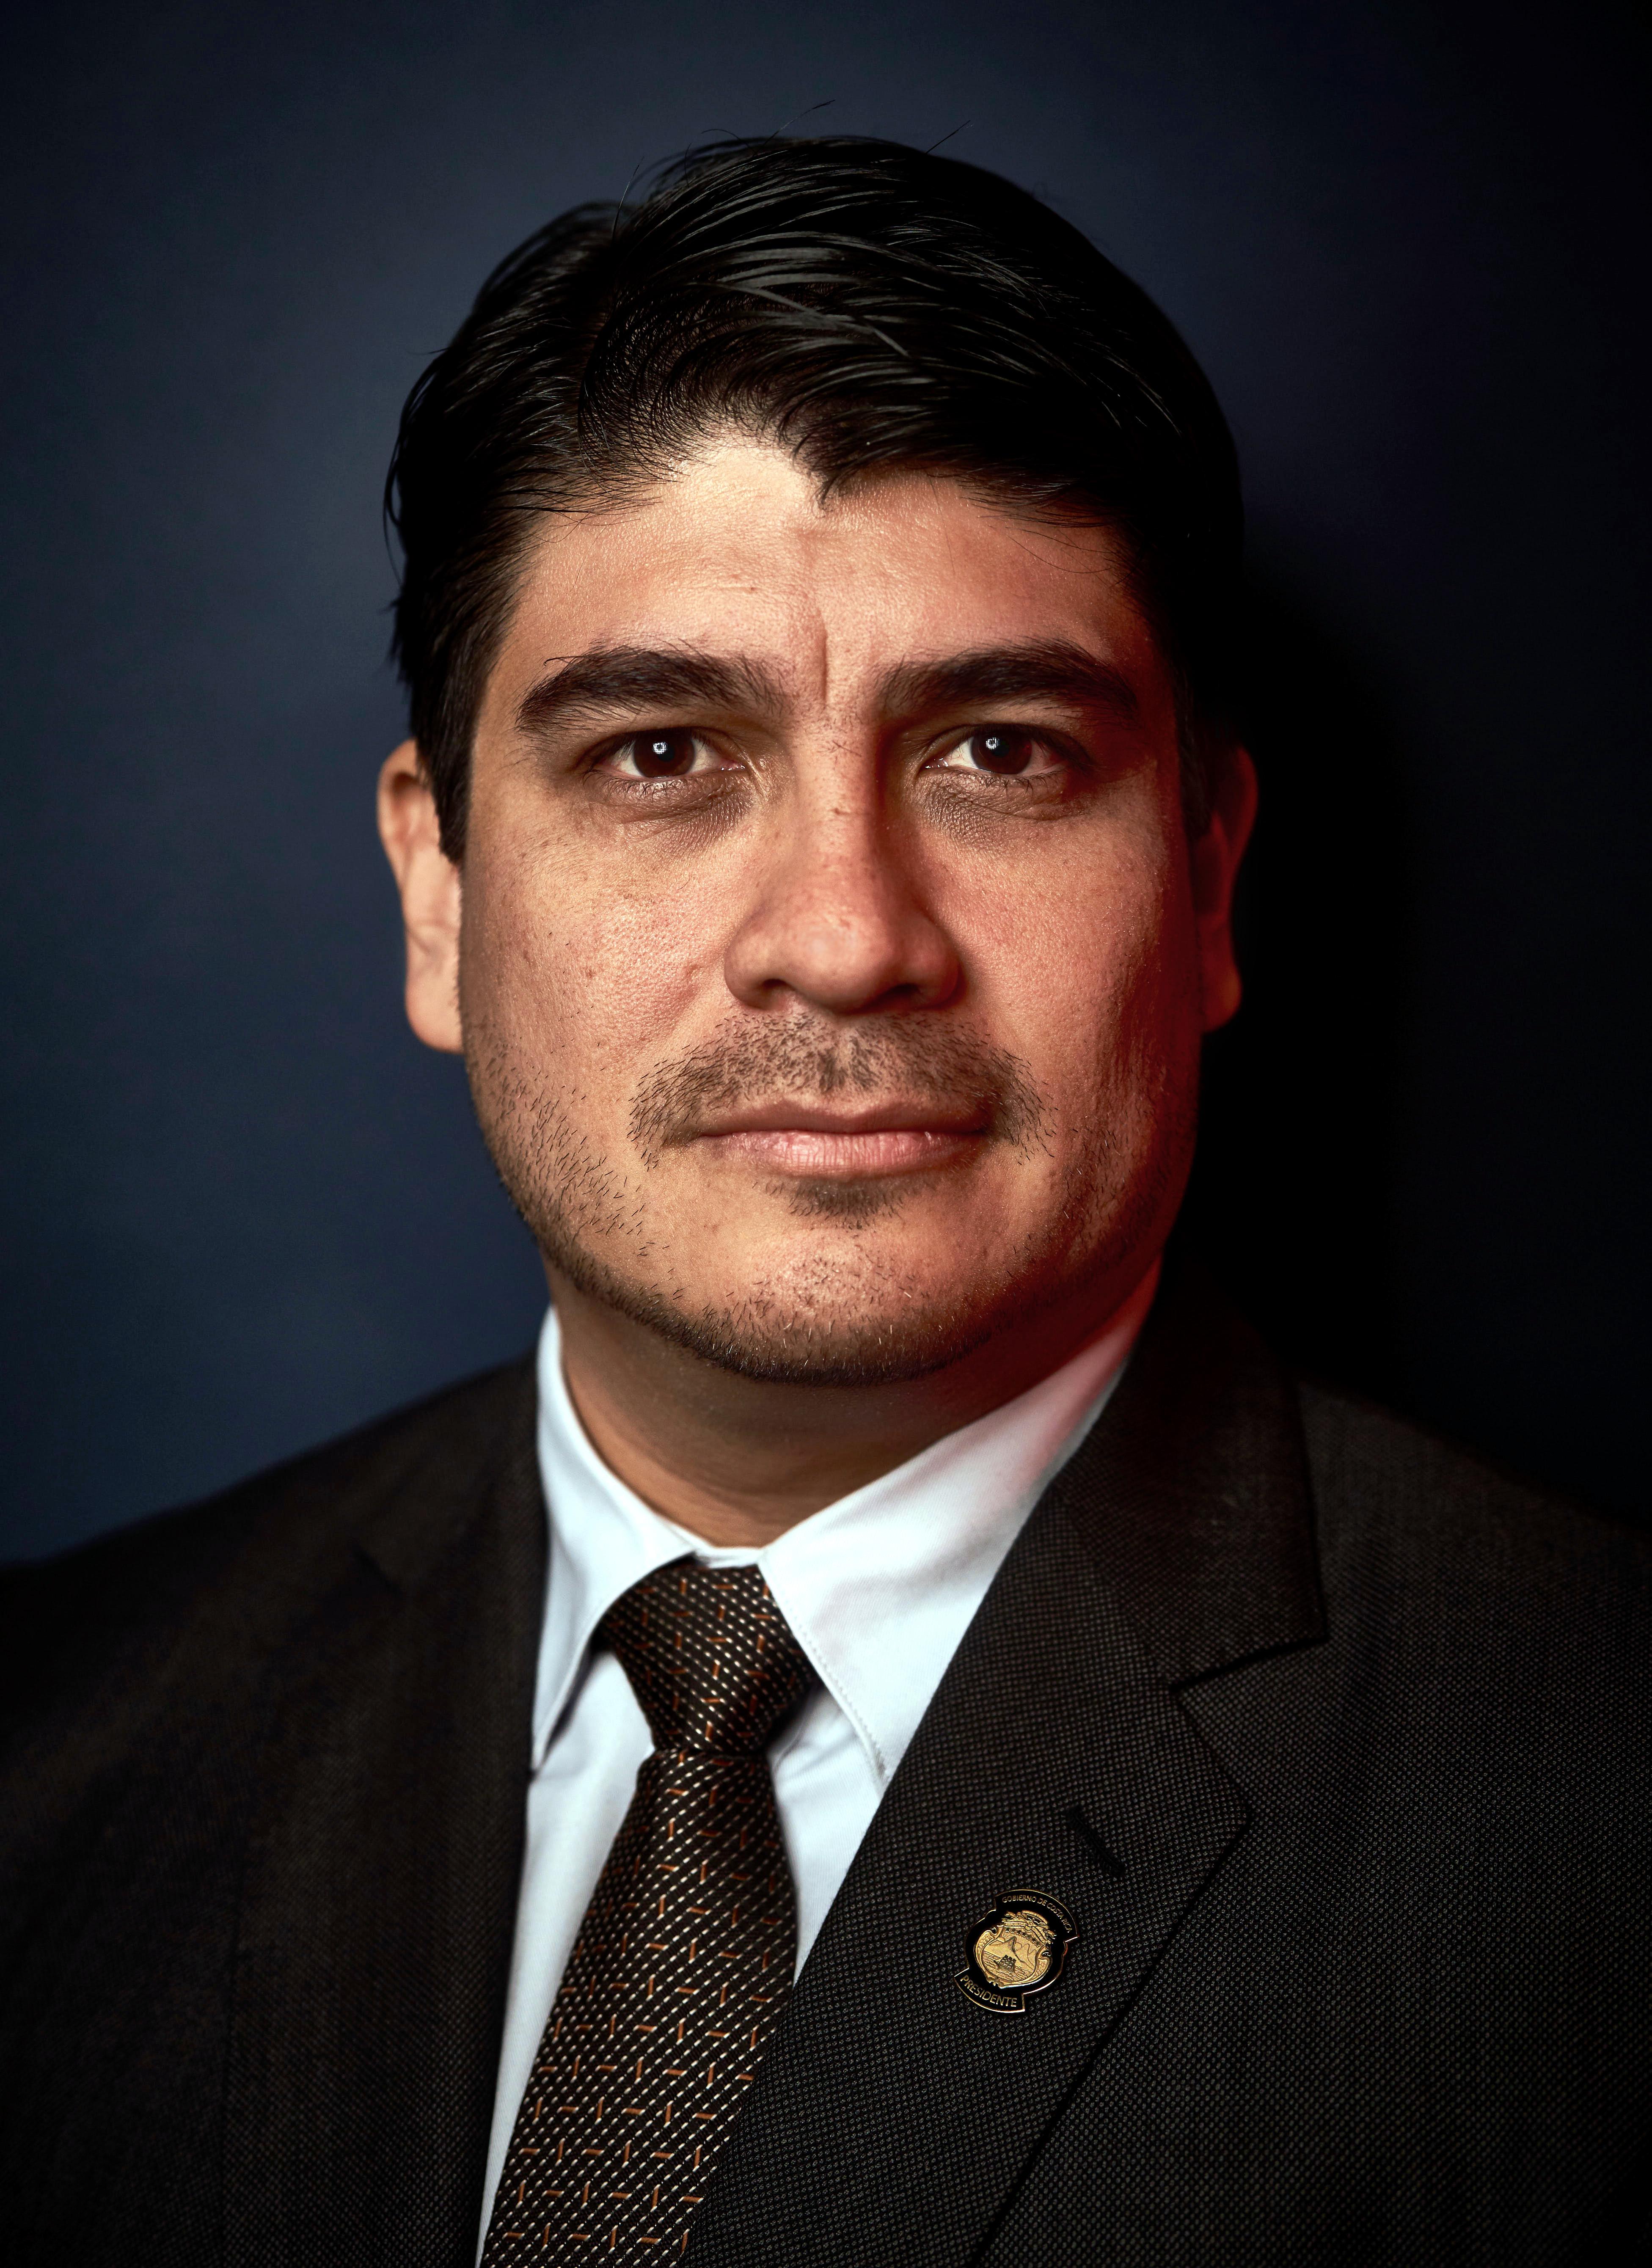 Amparo Muñoz Quesada Fotos carlos alvarado quesada - wikipedia, la enciclopedia libre